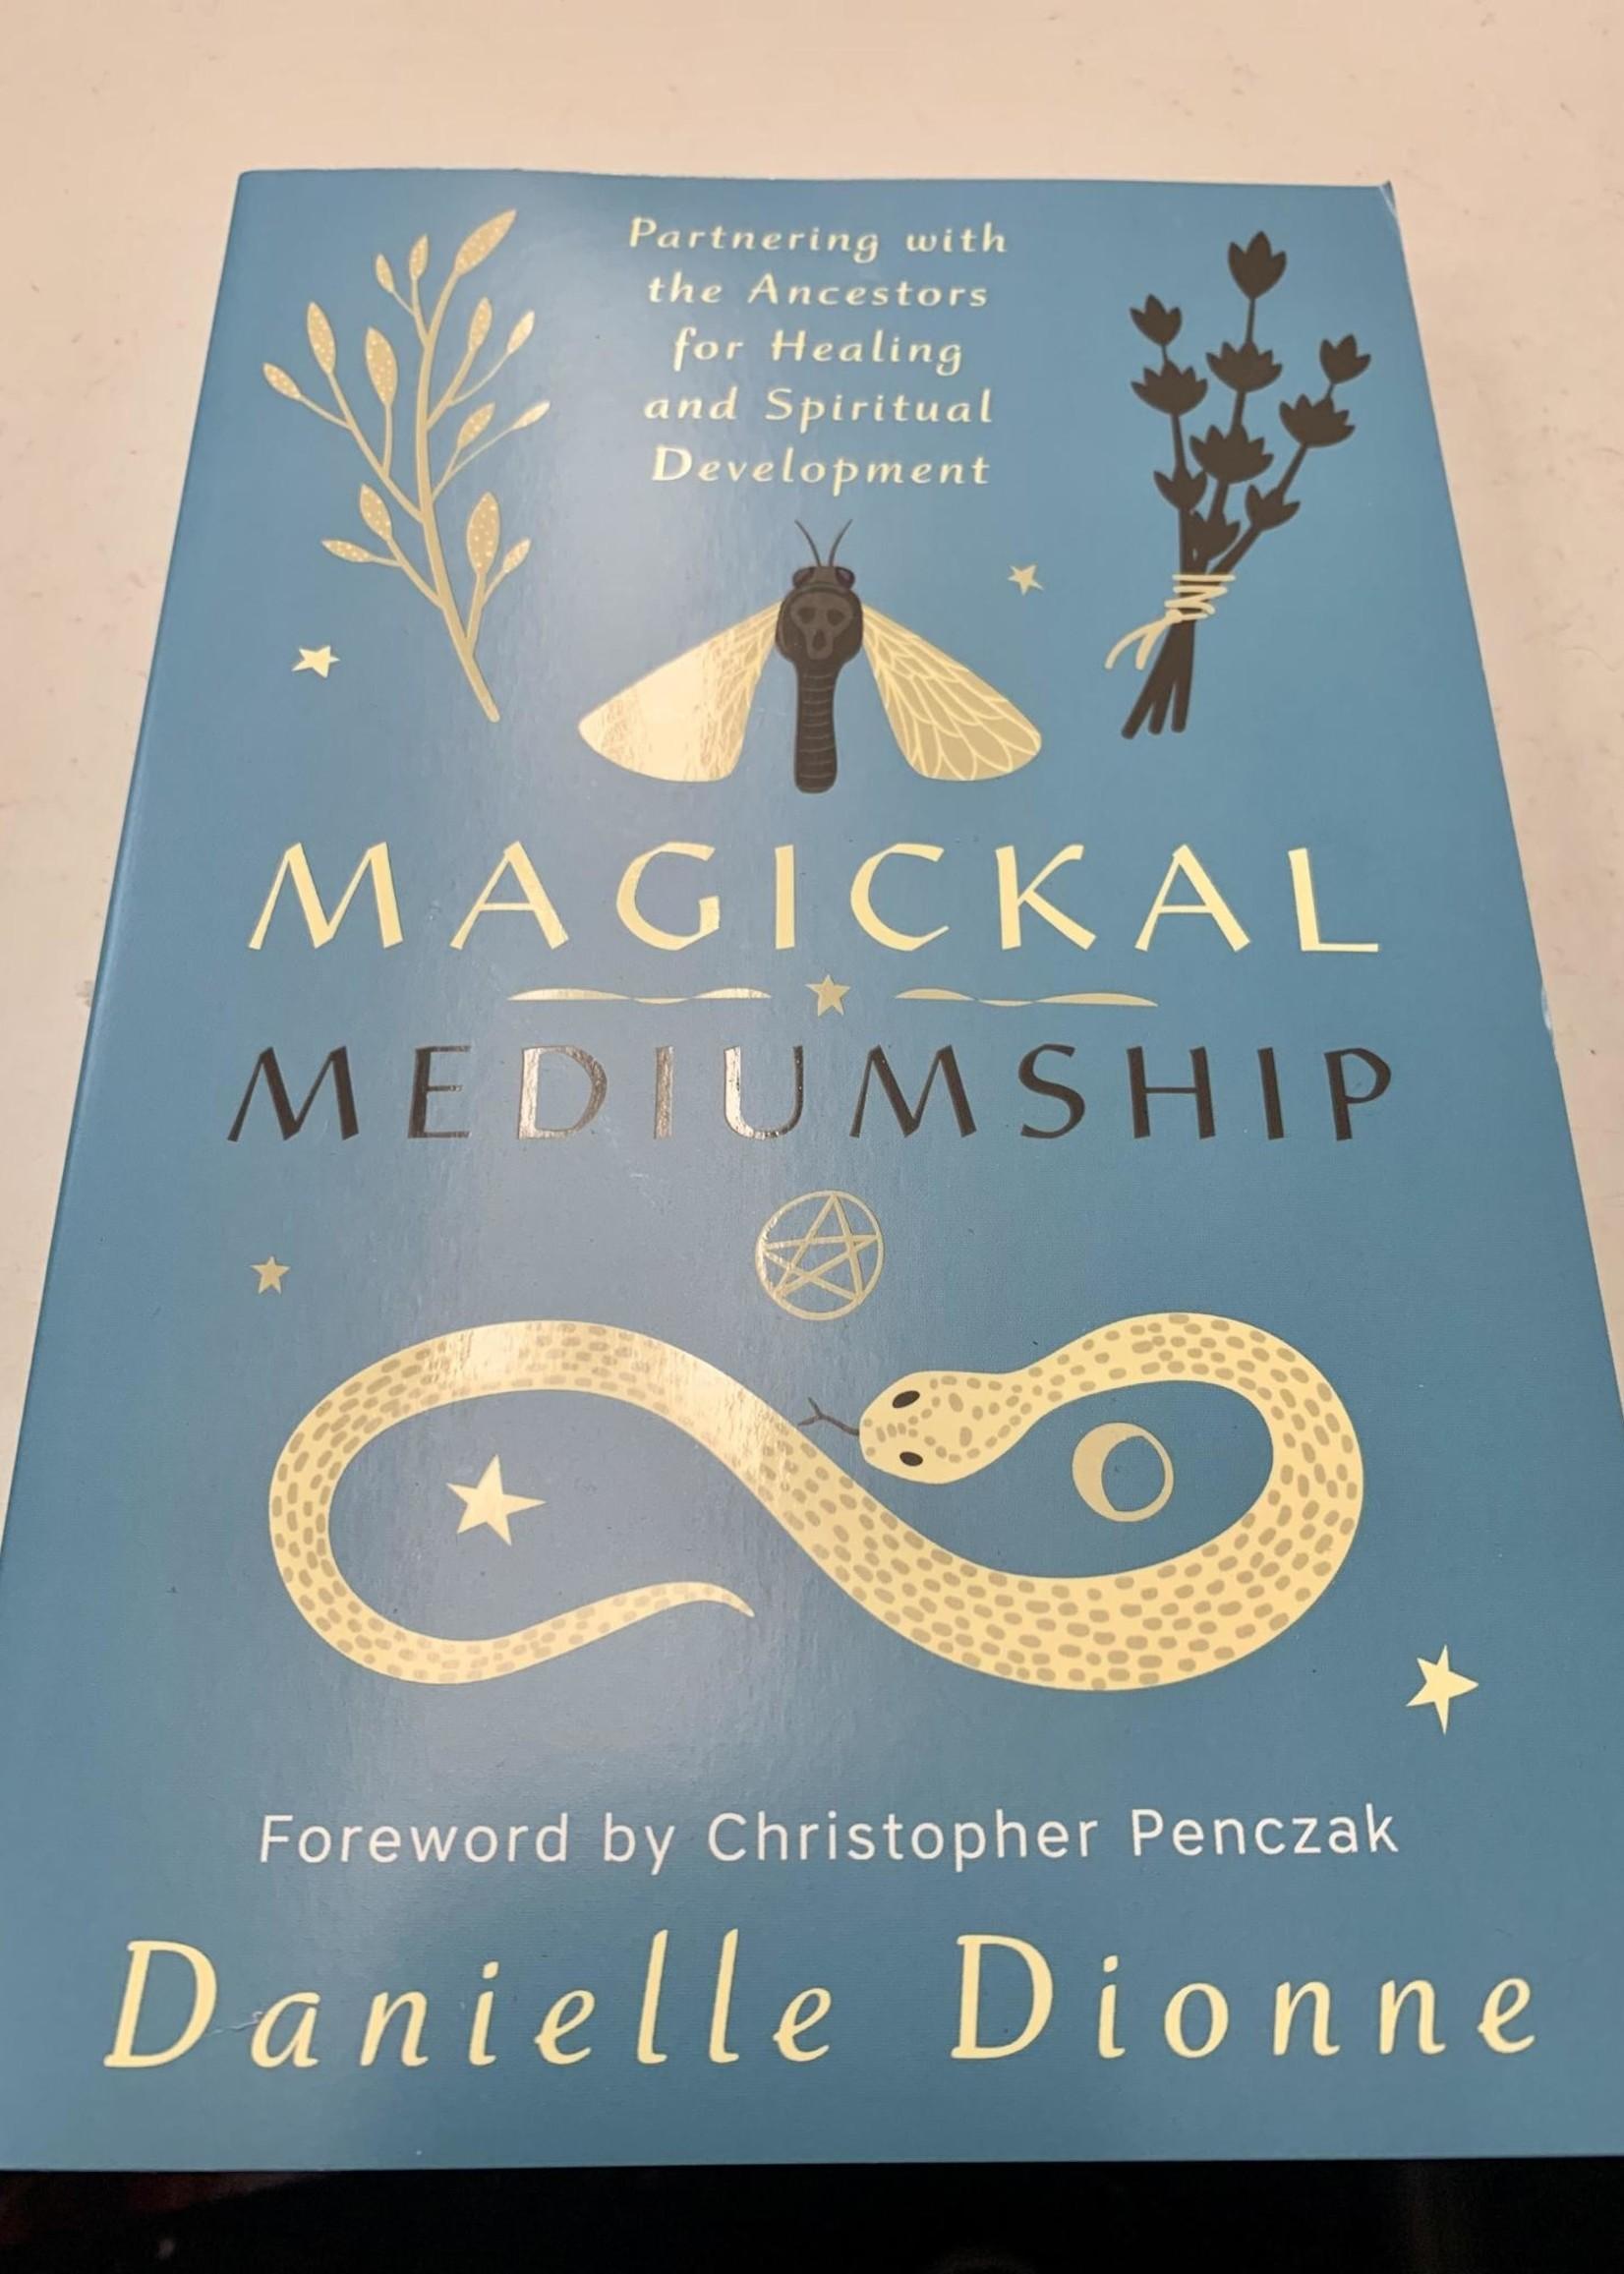 Magickal Mediumship - BY DANIELLE DIONNE